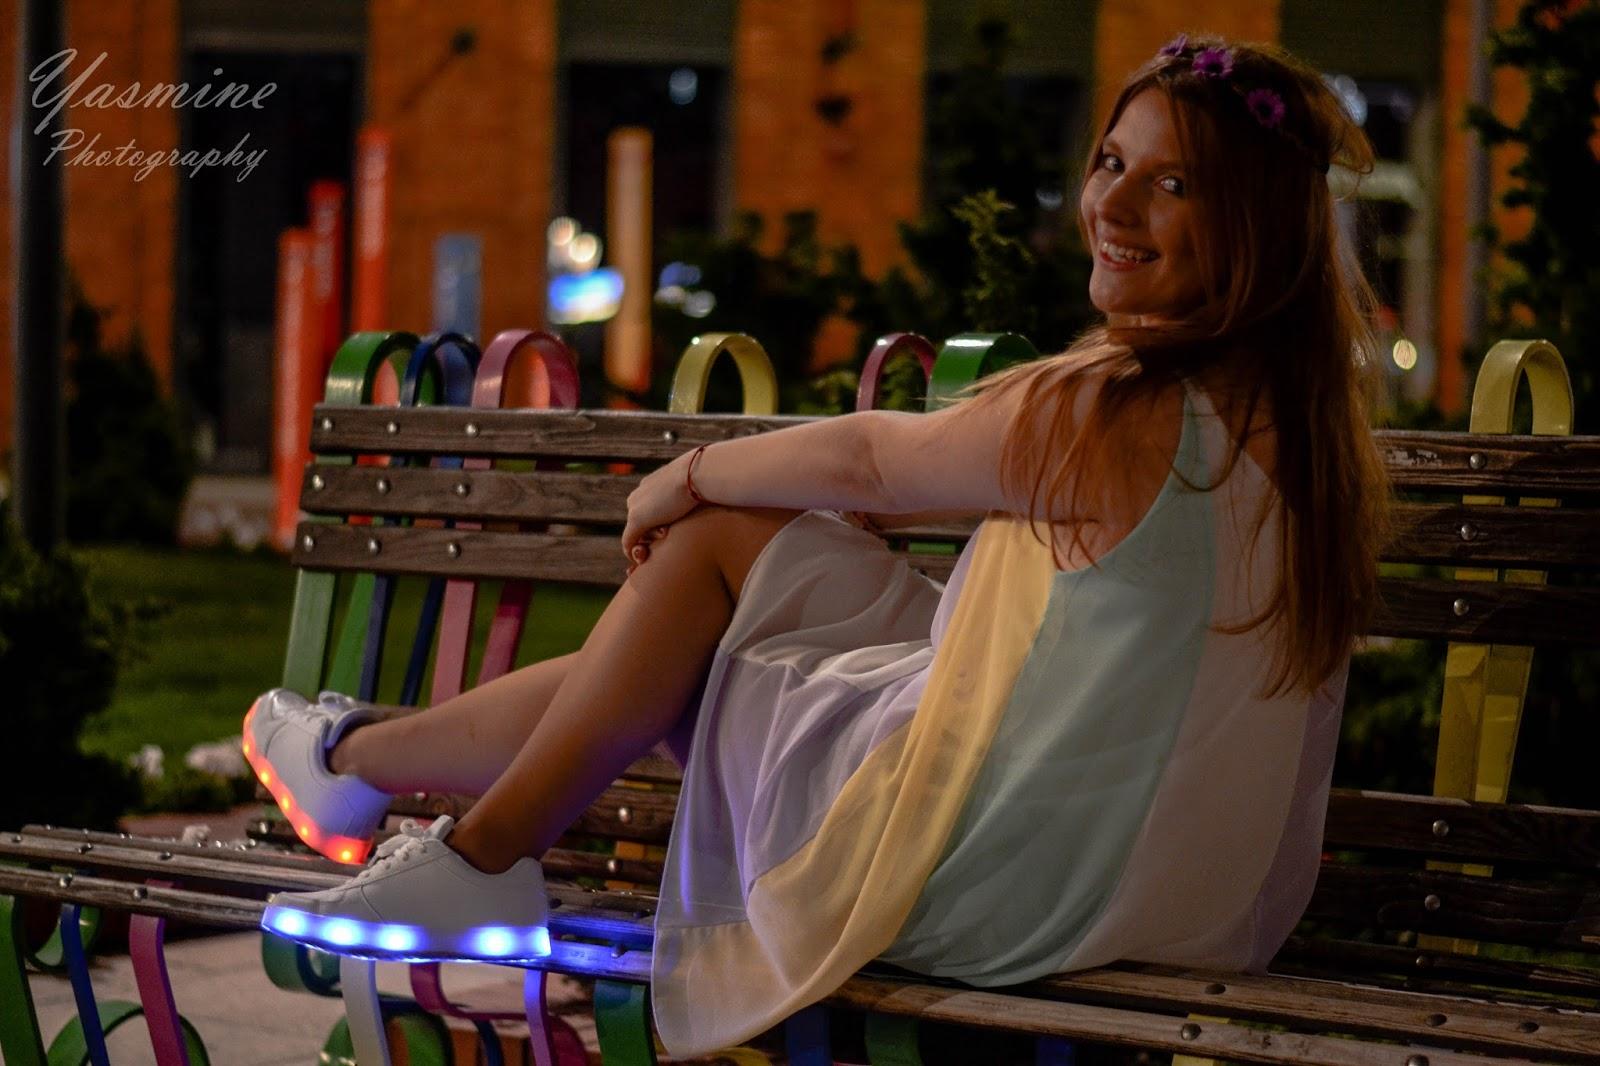 stylizacje festiwalowe ze smeakersami sneakersy disco light renee recenzja melodylaniella lookbook fashion białe